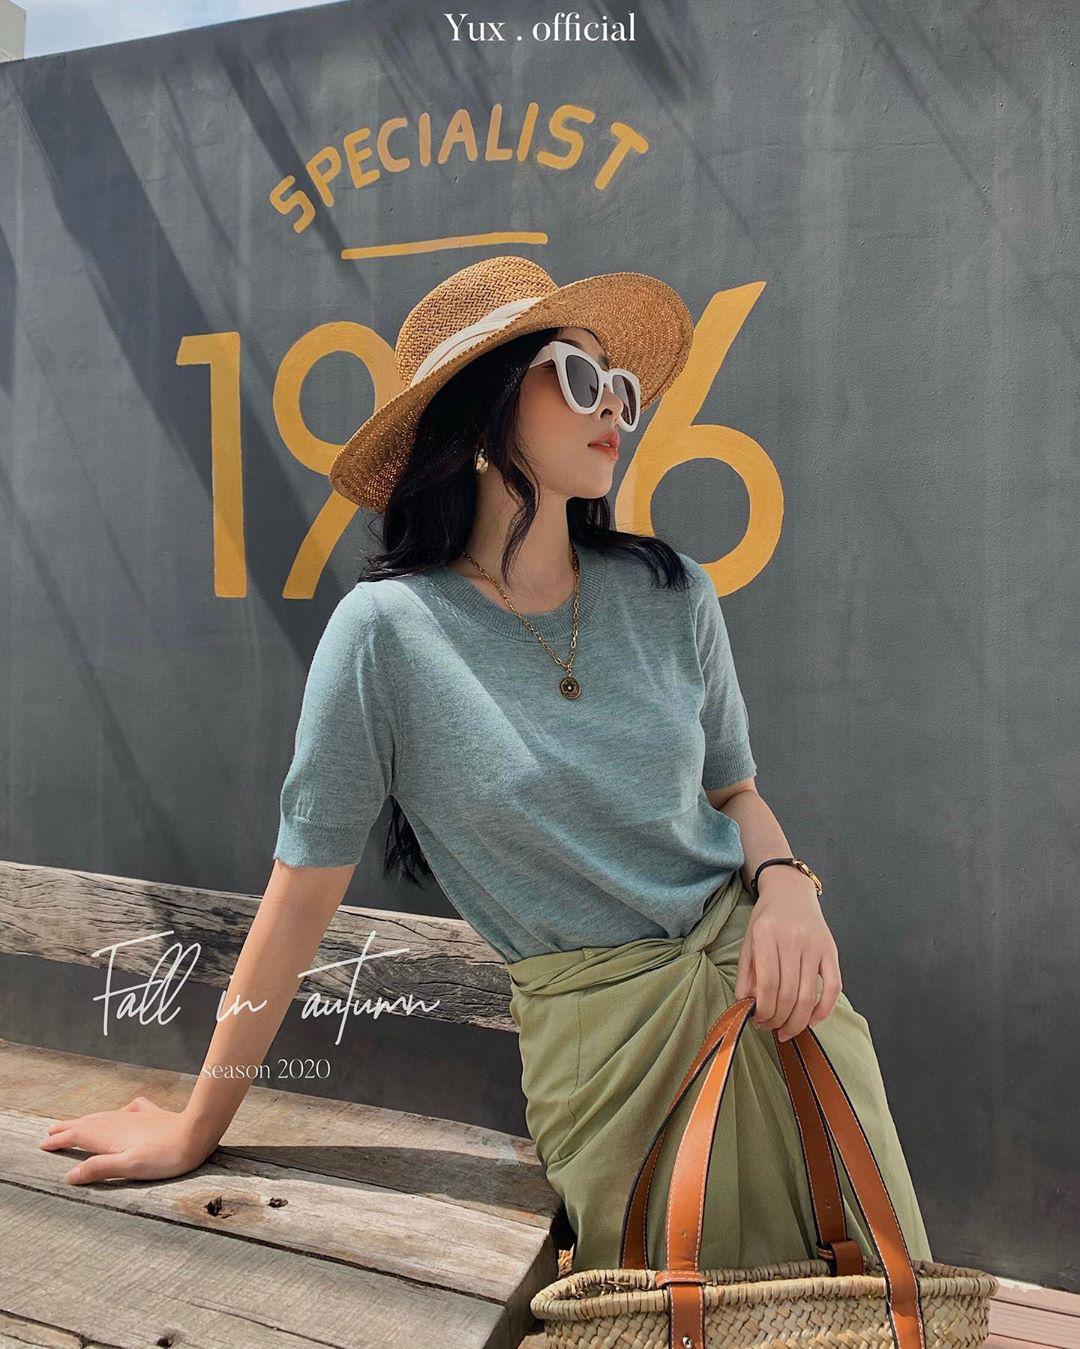 Ngắm 10 mẫu áo len cộc tay xinh chuẩn Hàn này, bạn sẽ muốn sắm bằng hết để diện dần  - Ảnh 19.